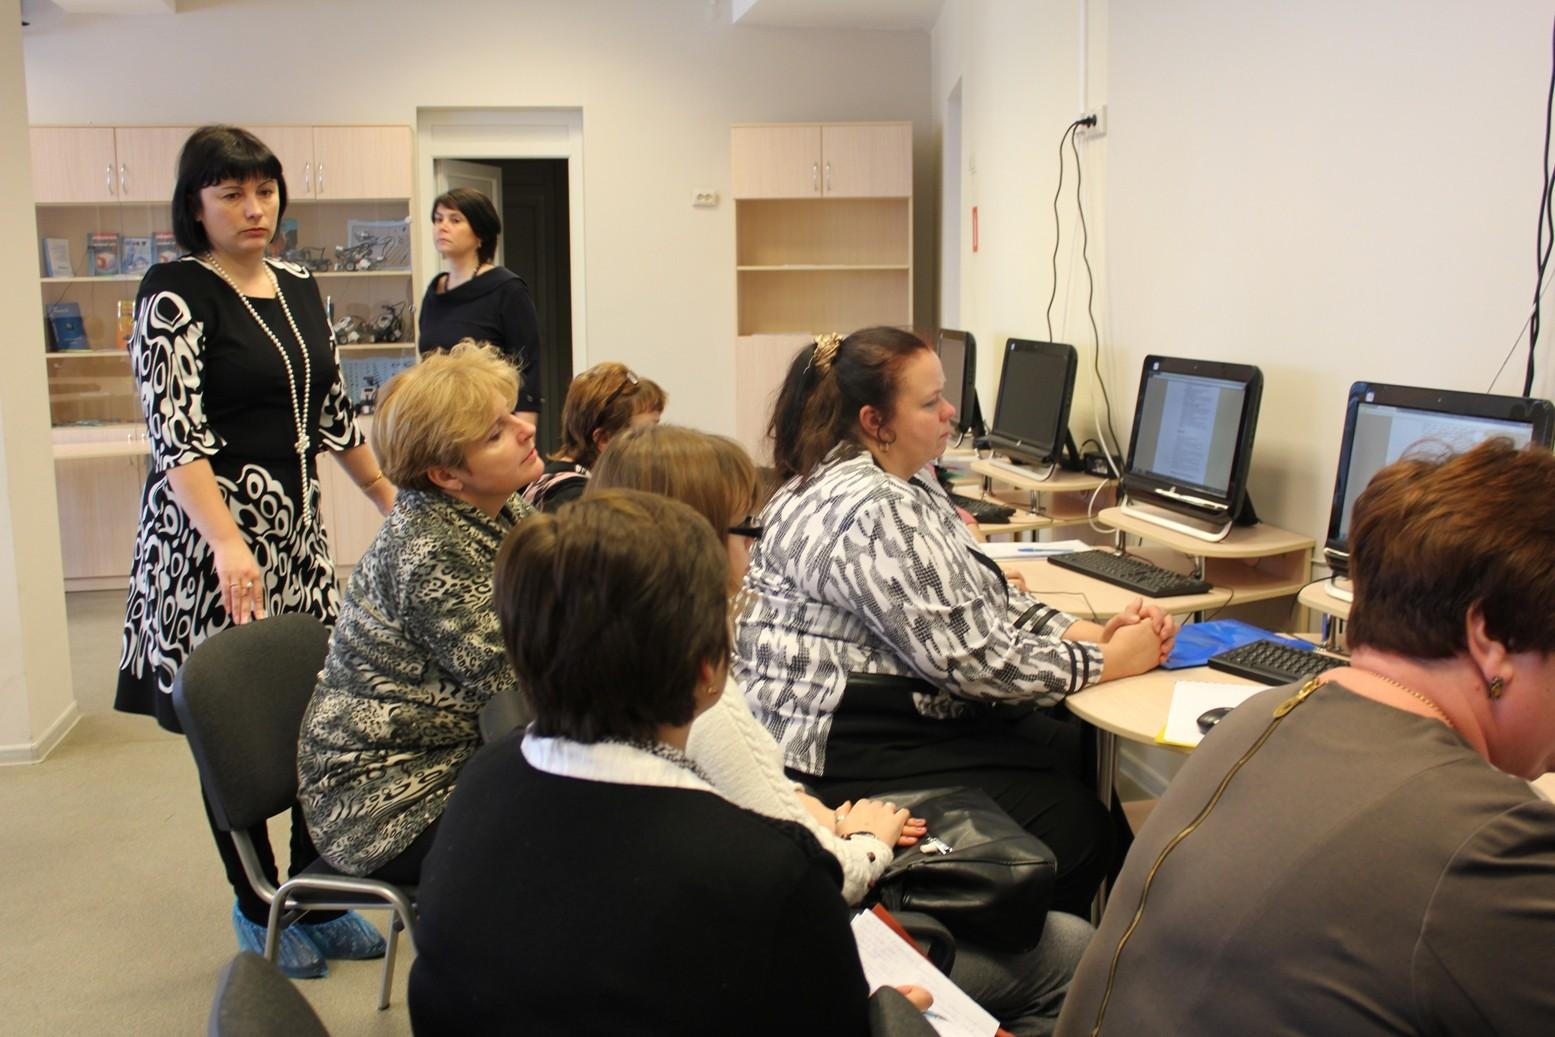 участие в мастер-классе web 2.0